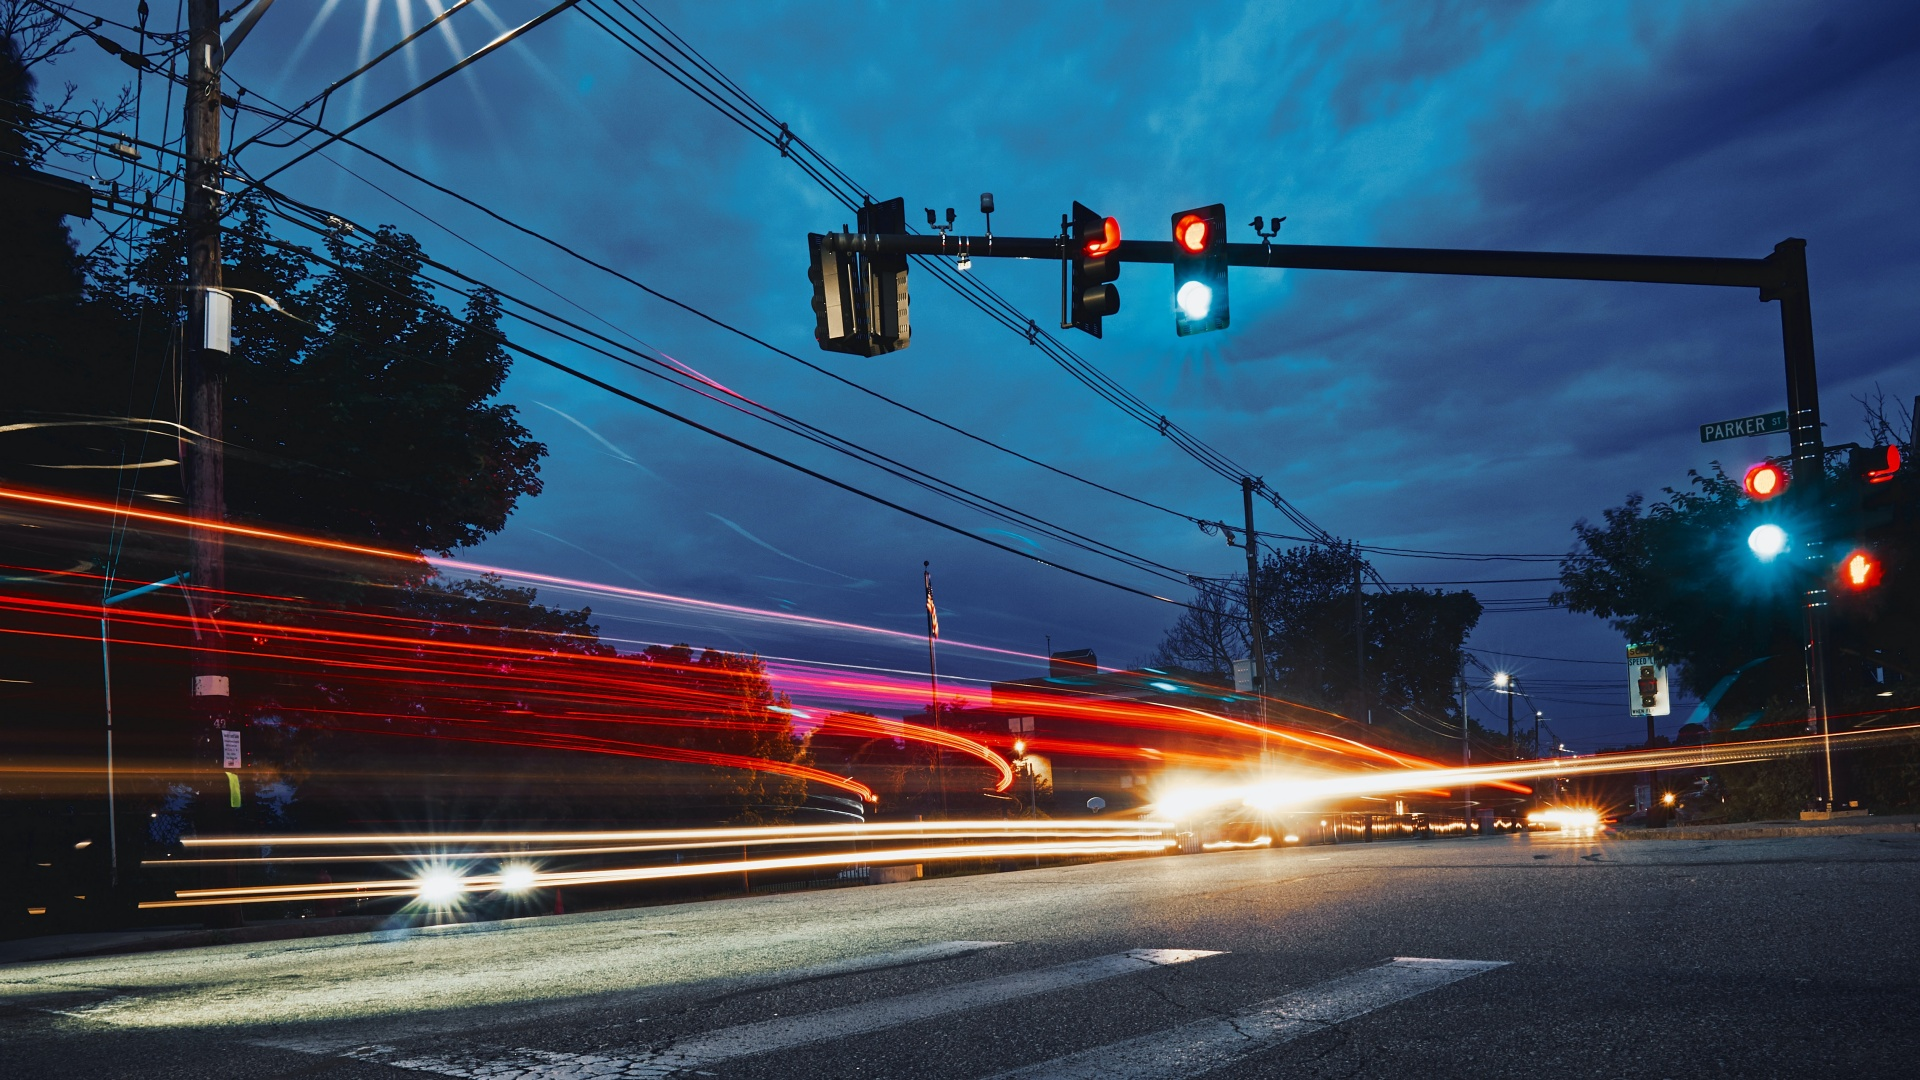 Közlekedési lámpák egy útkereszteződésben